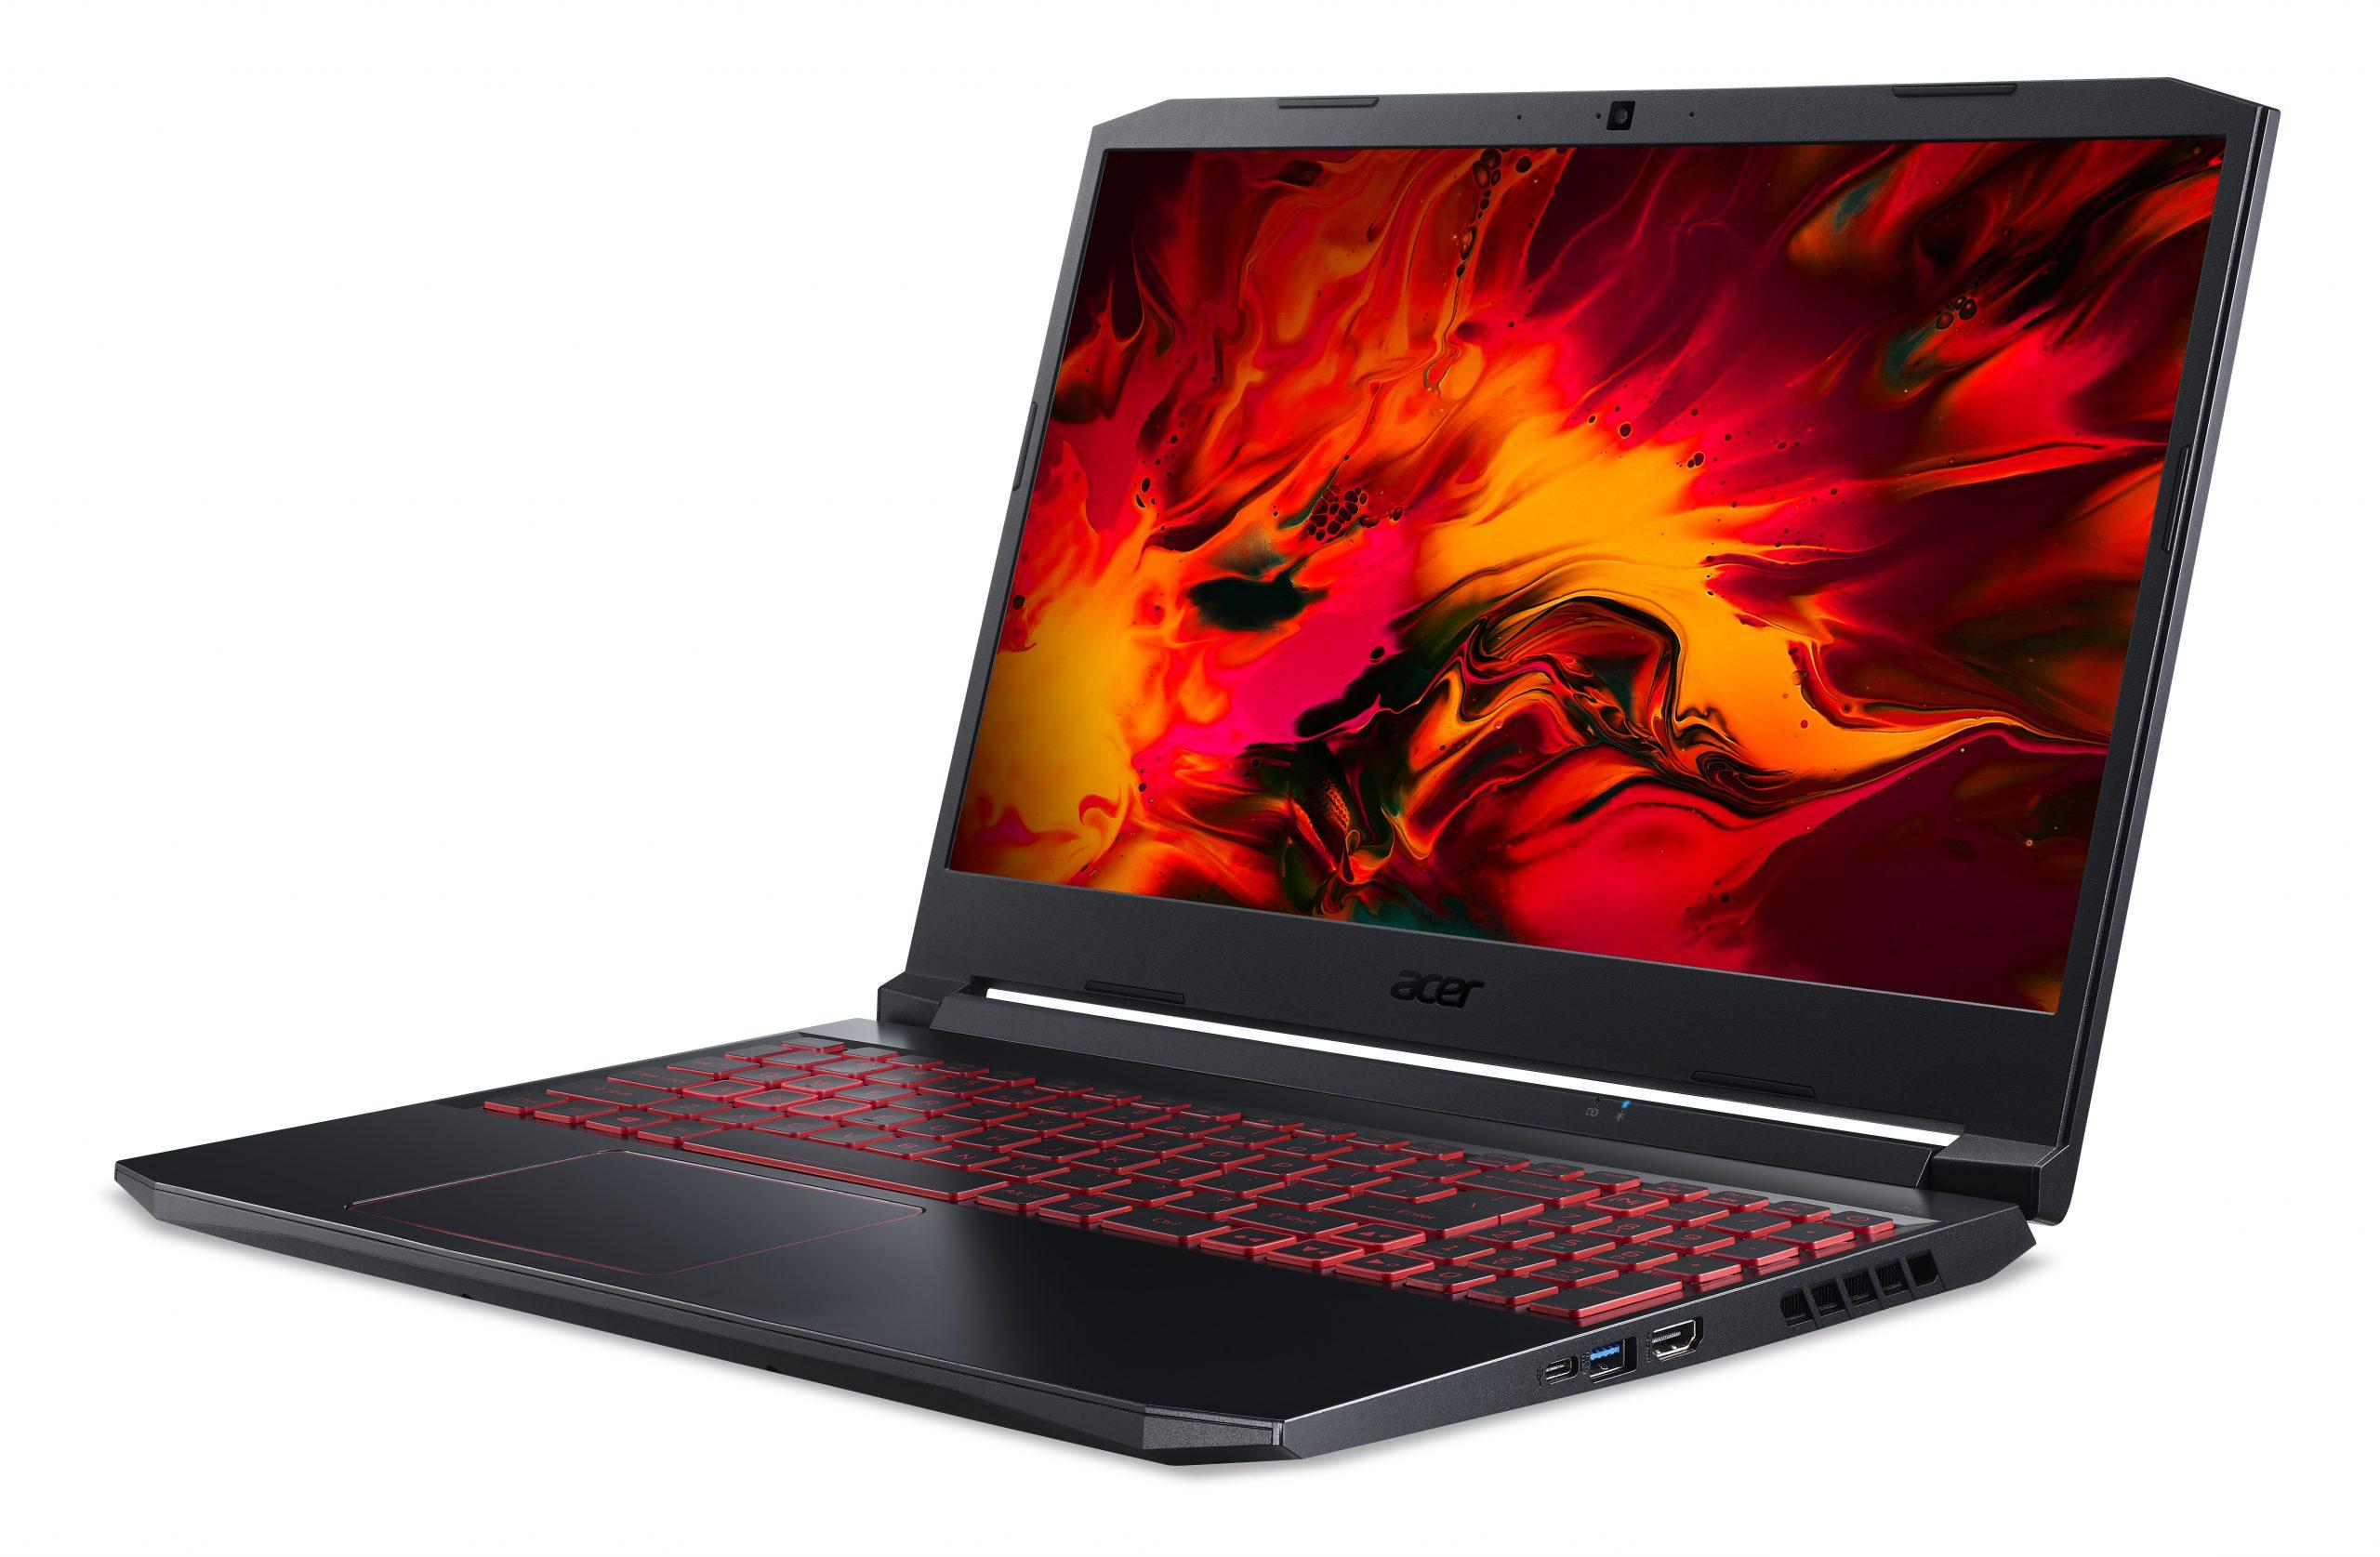 Noutbuk Acer Nitro 5 AN515-55-59KS (NH.Q7JAA.009)  - 2